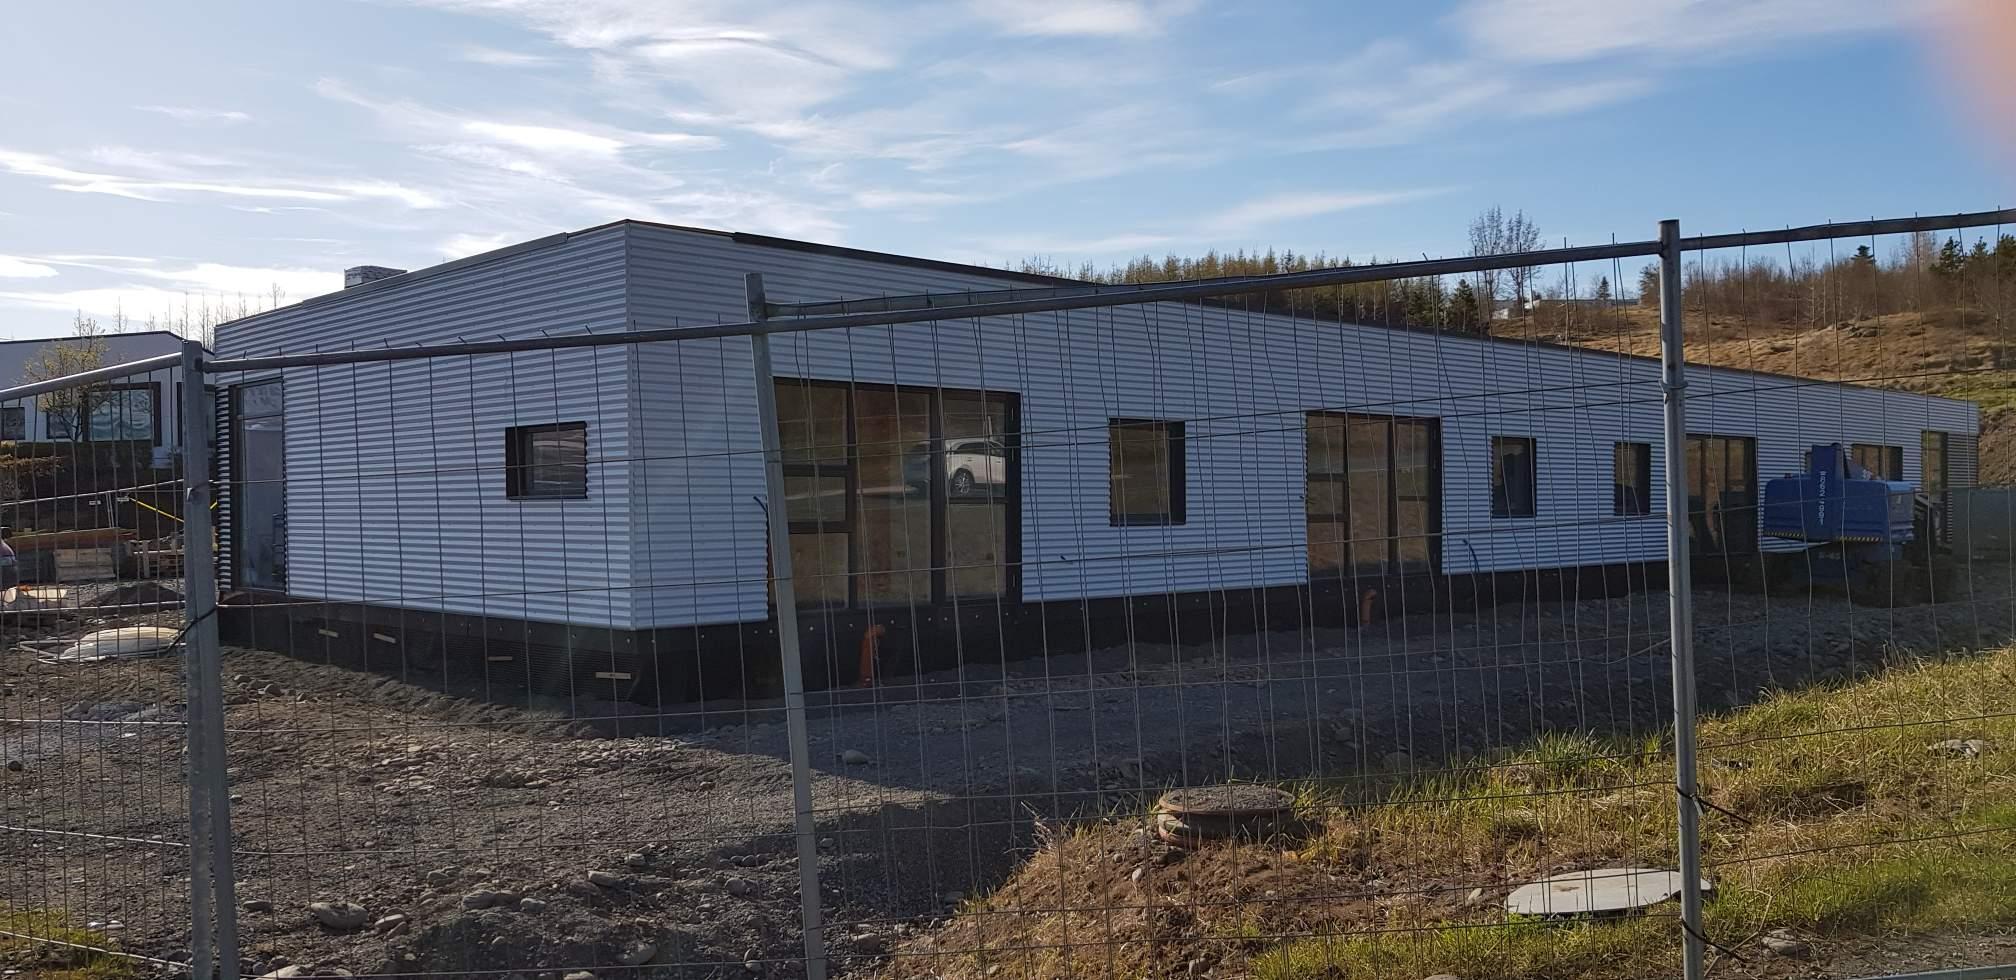 Nýr þjónustukjarni fyrir fatlaða rís á Akureyri